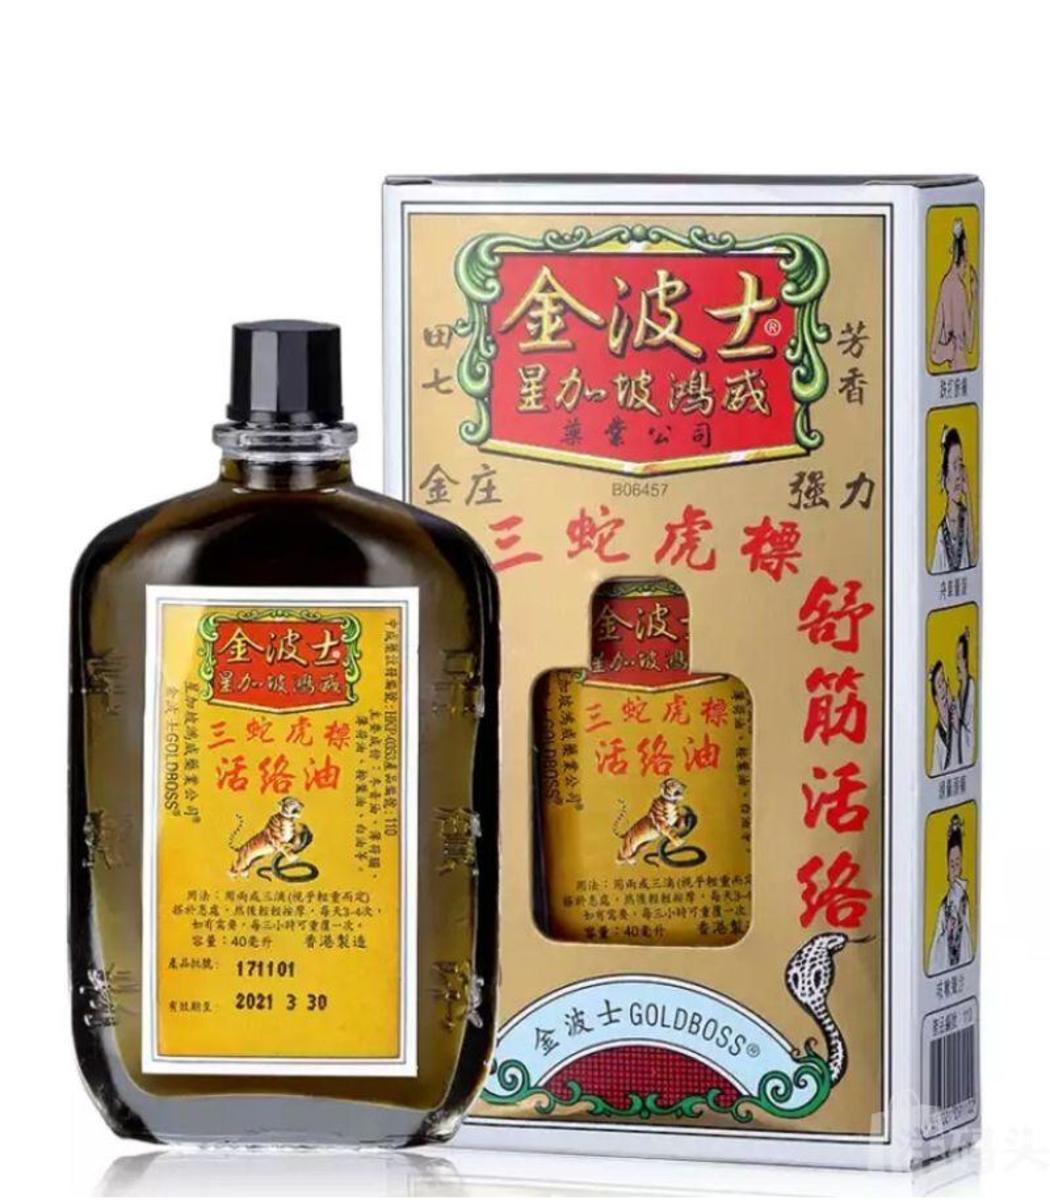 活絡油 40ml